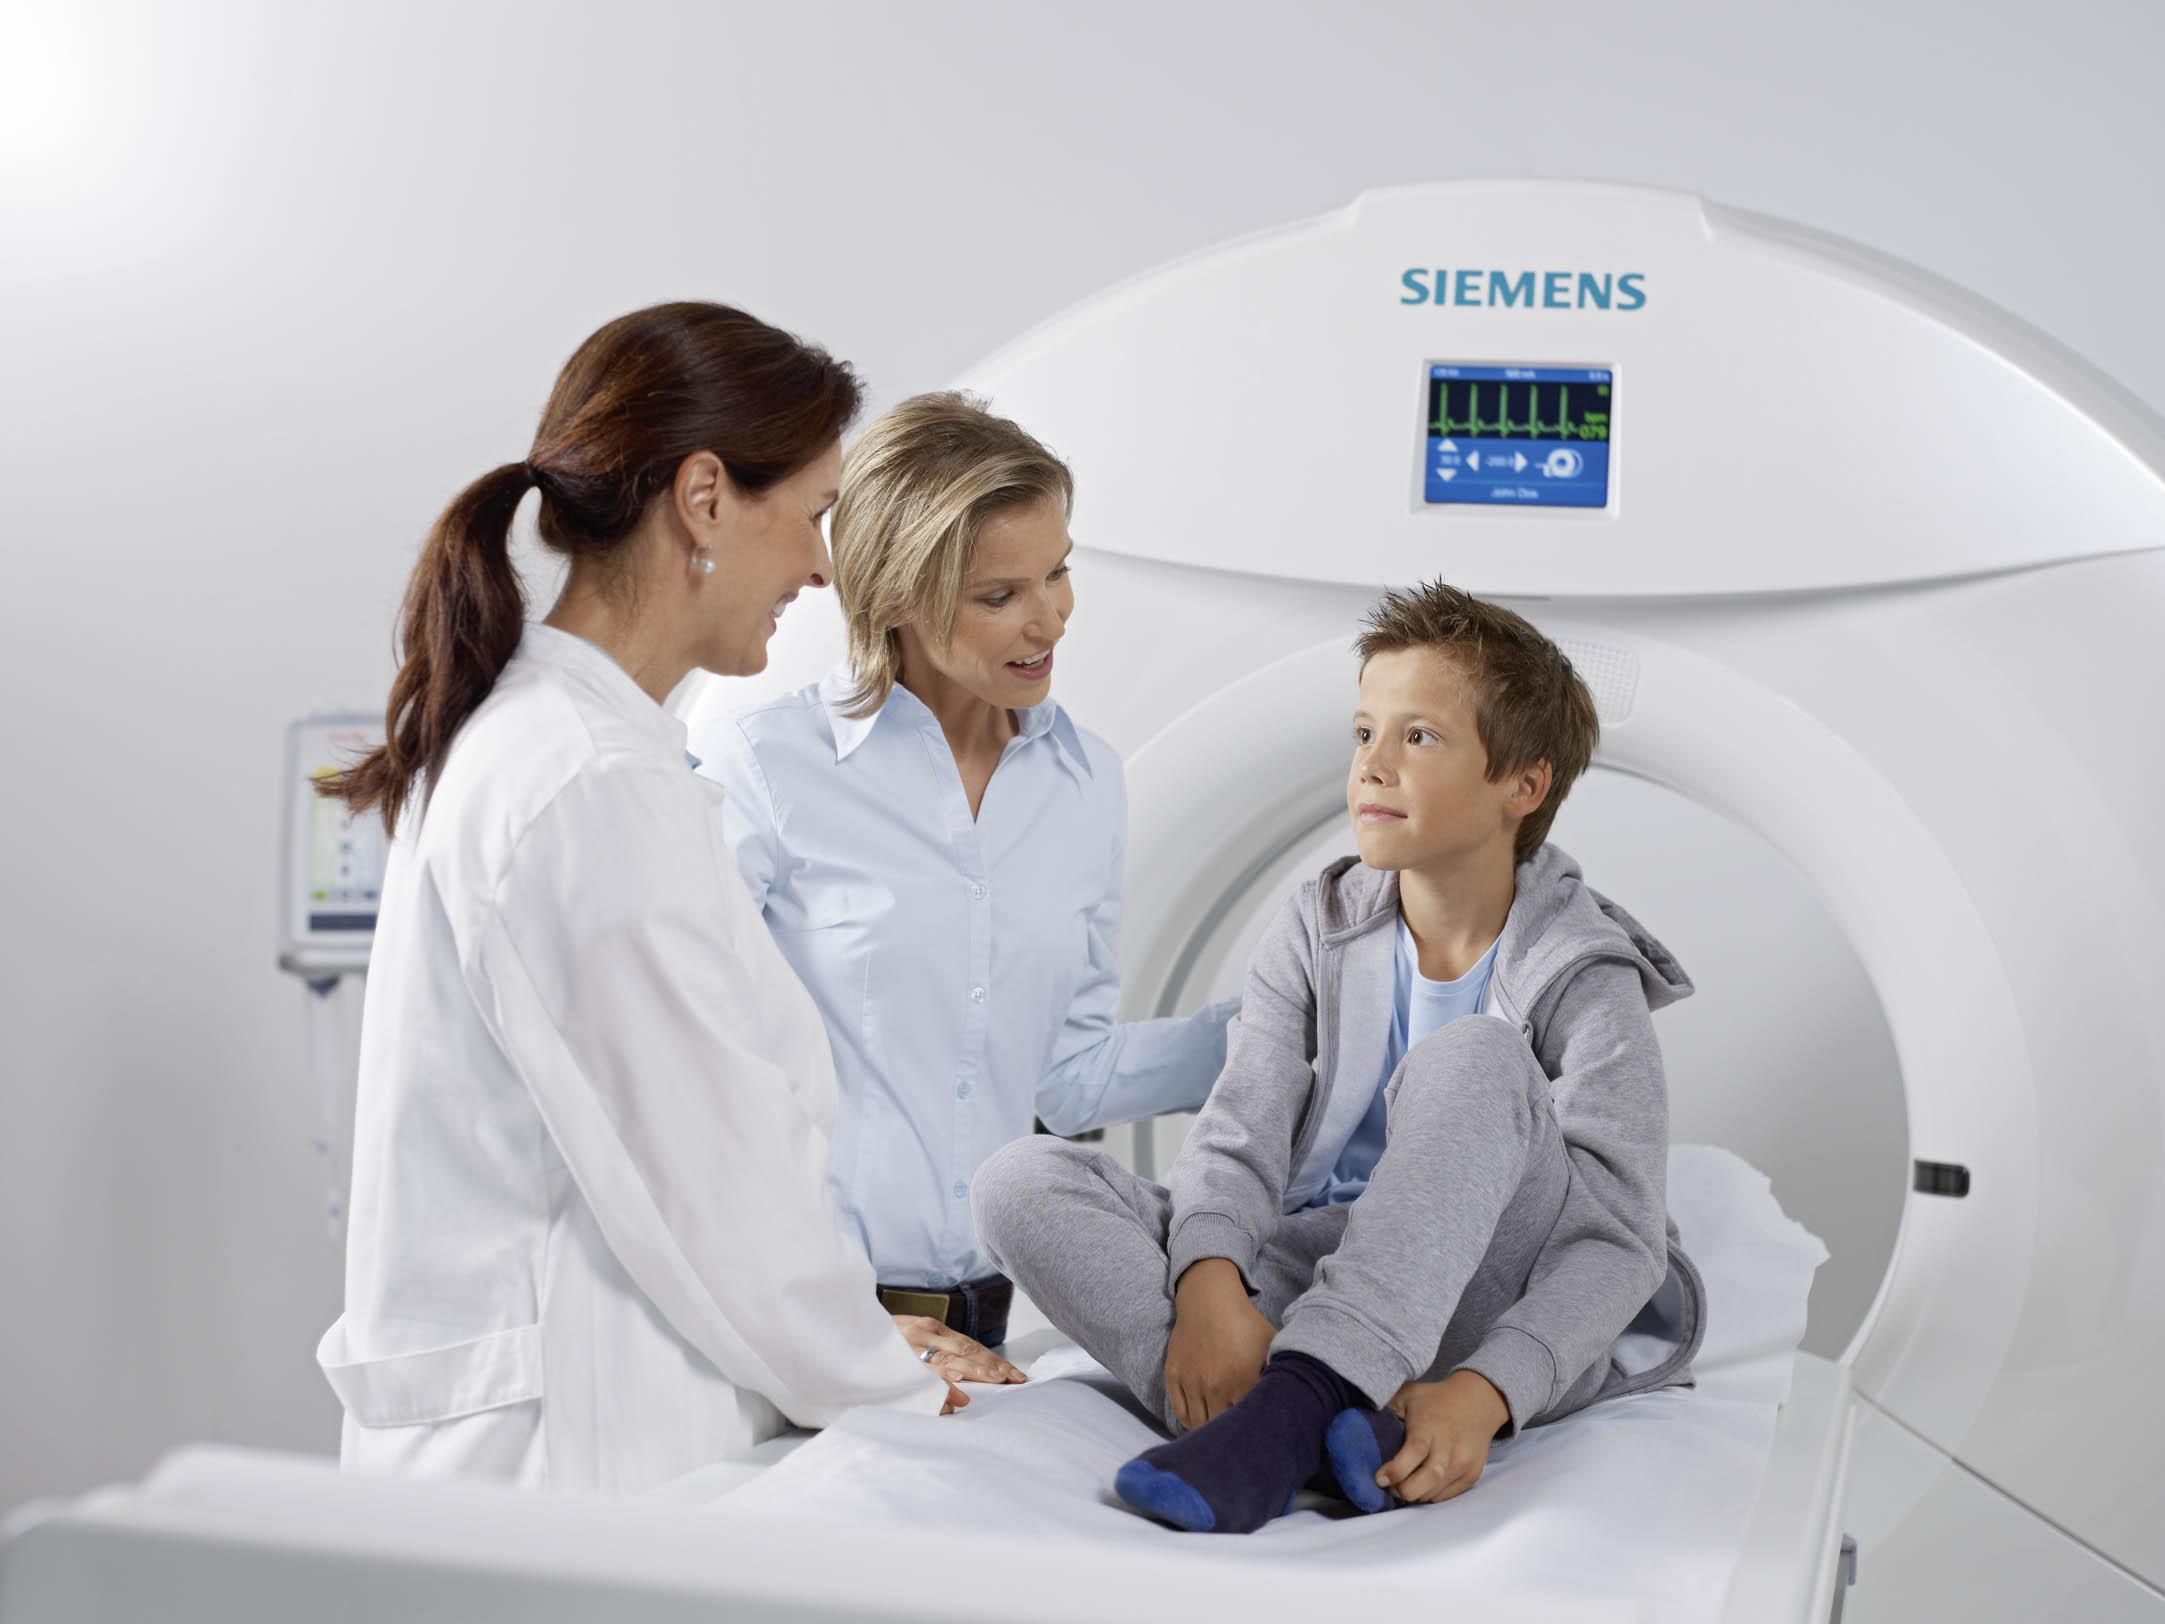 КТ и МРТ детям - что лучше, как подготовить ребенка